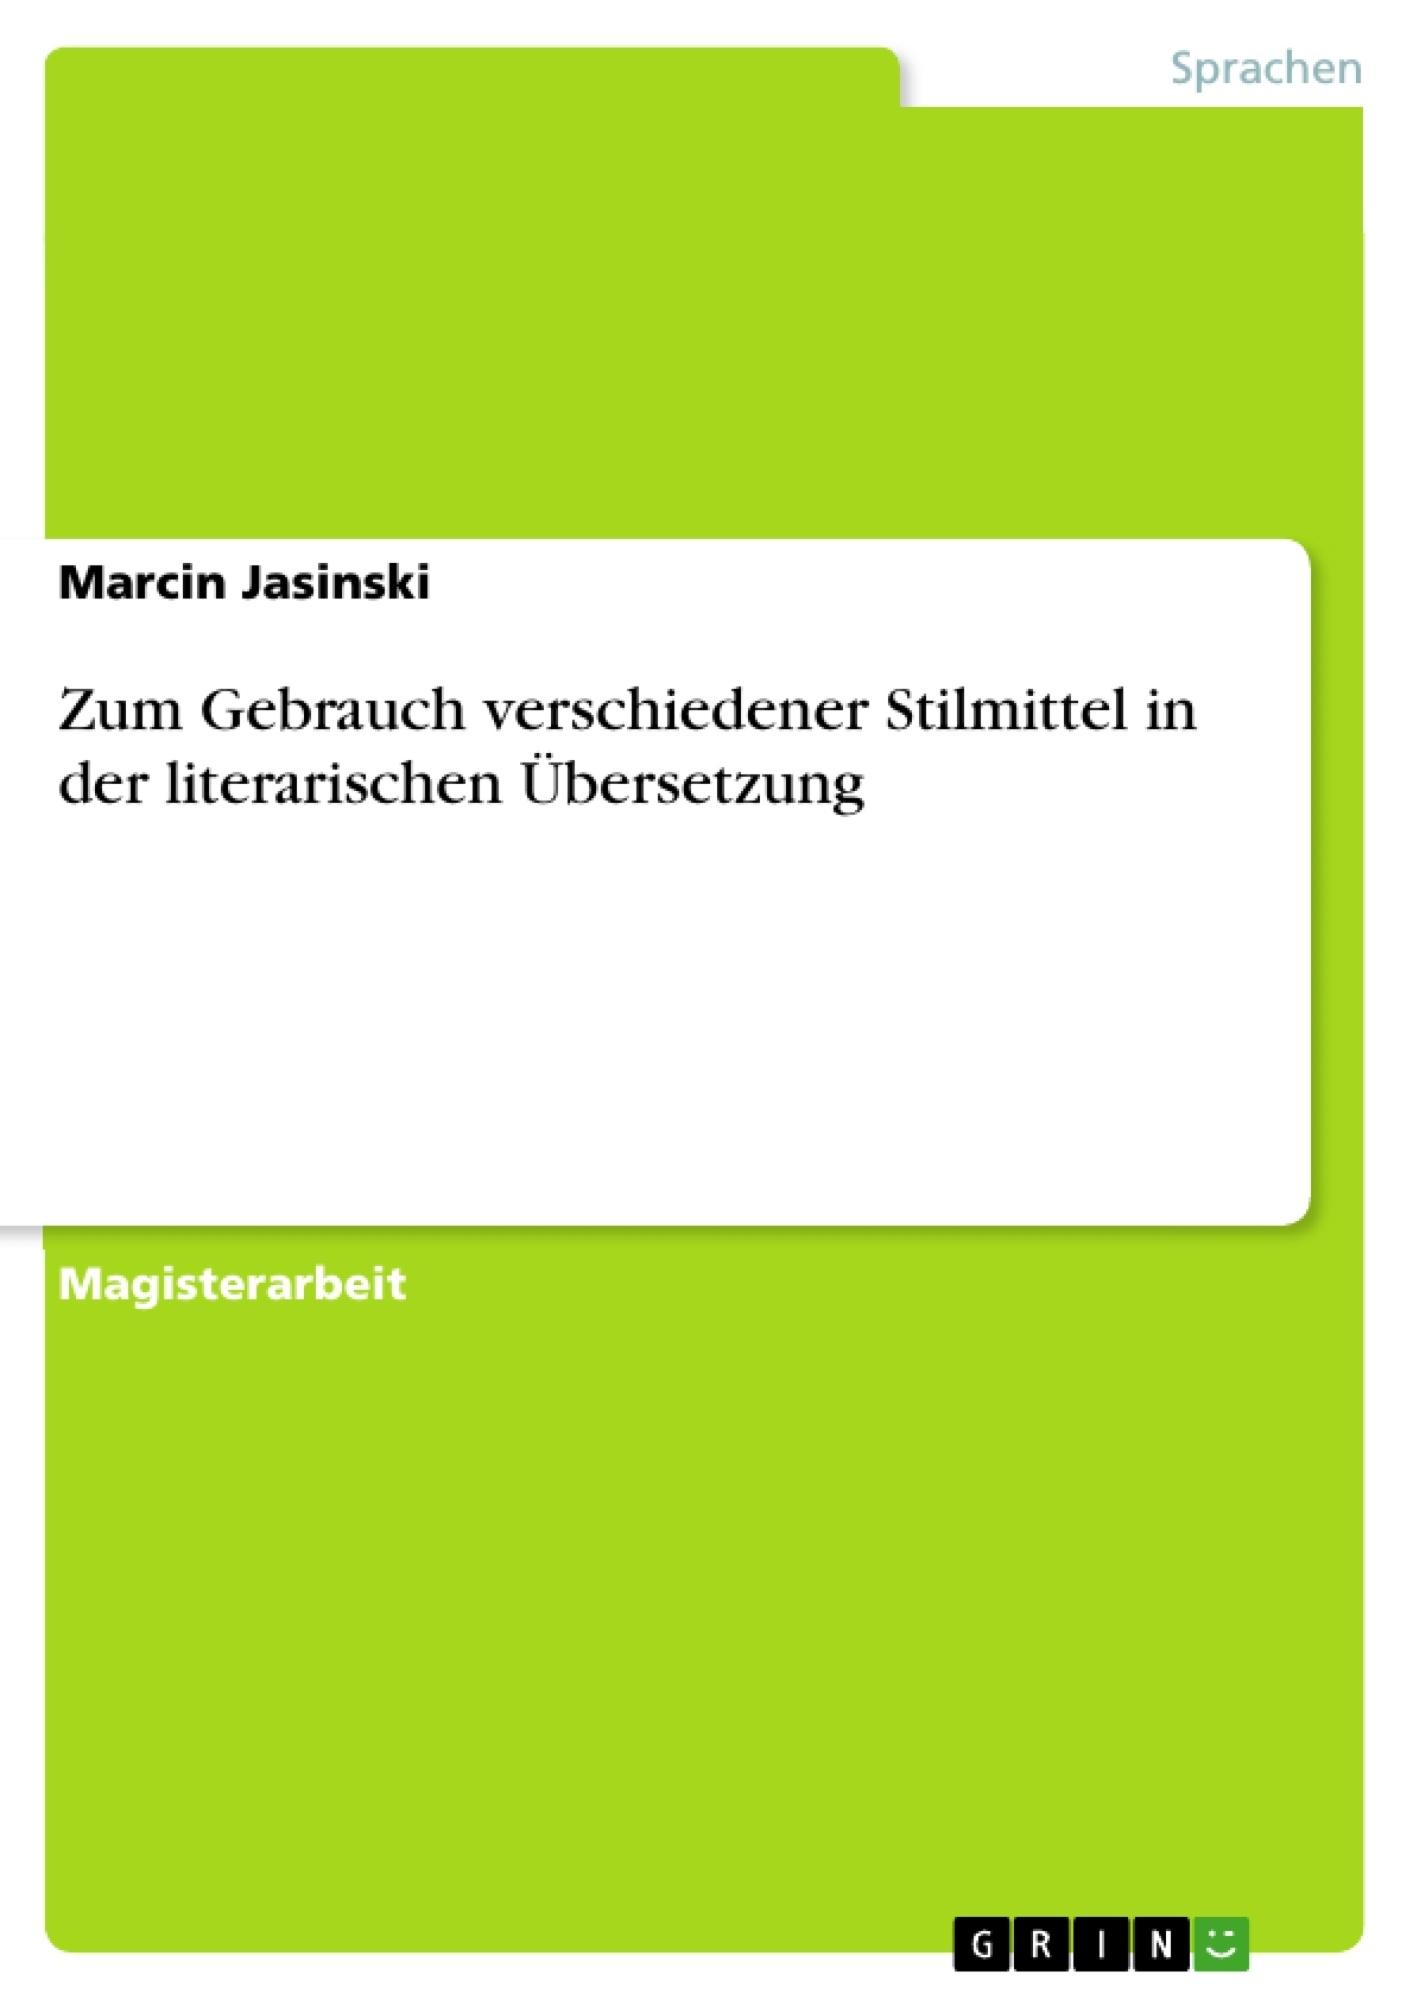 Titel: Zum Gebrauch verschiedener Stilmittel in der literarischen Übersetzung